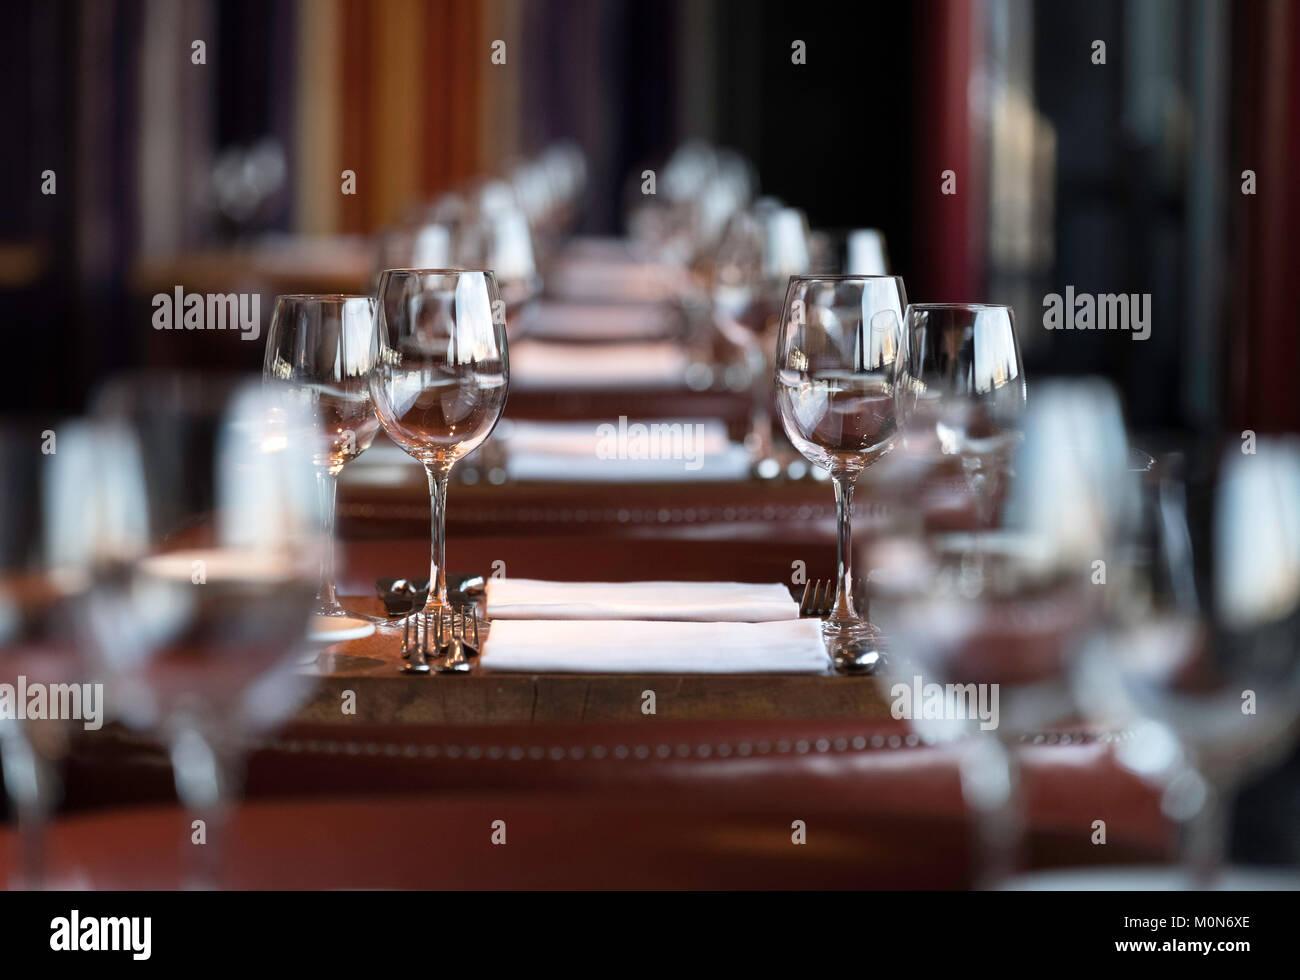 Vista de la fila de vasos de vino de mesas en un restaurante Imagen De Stock